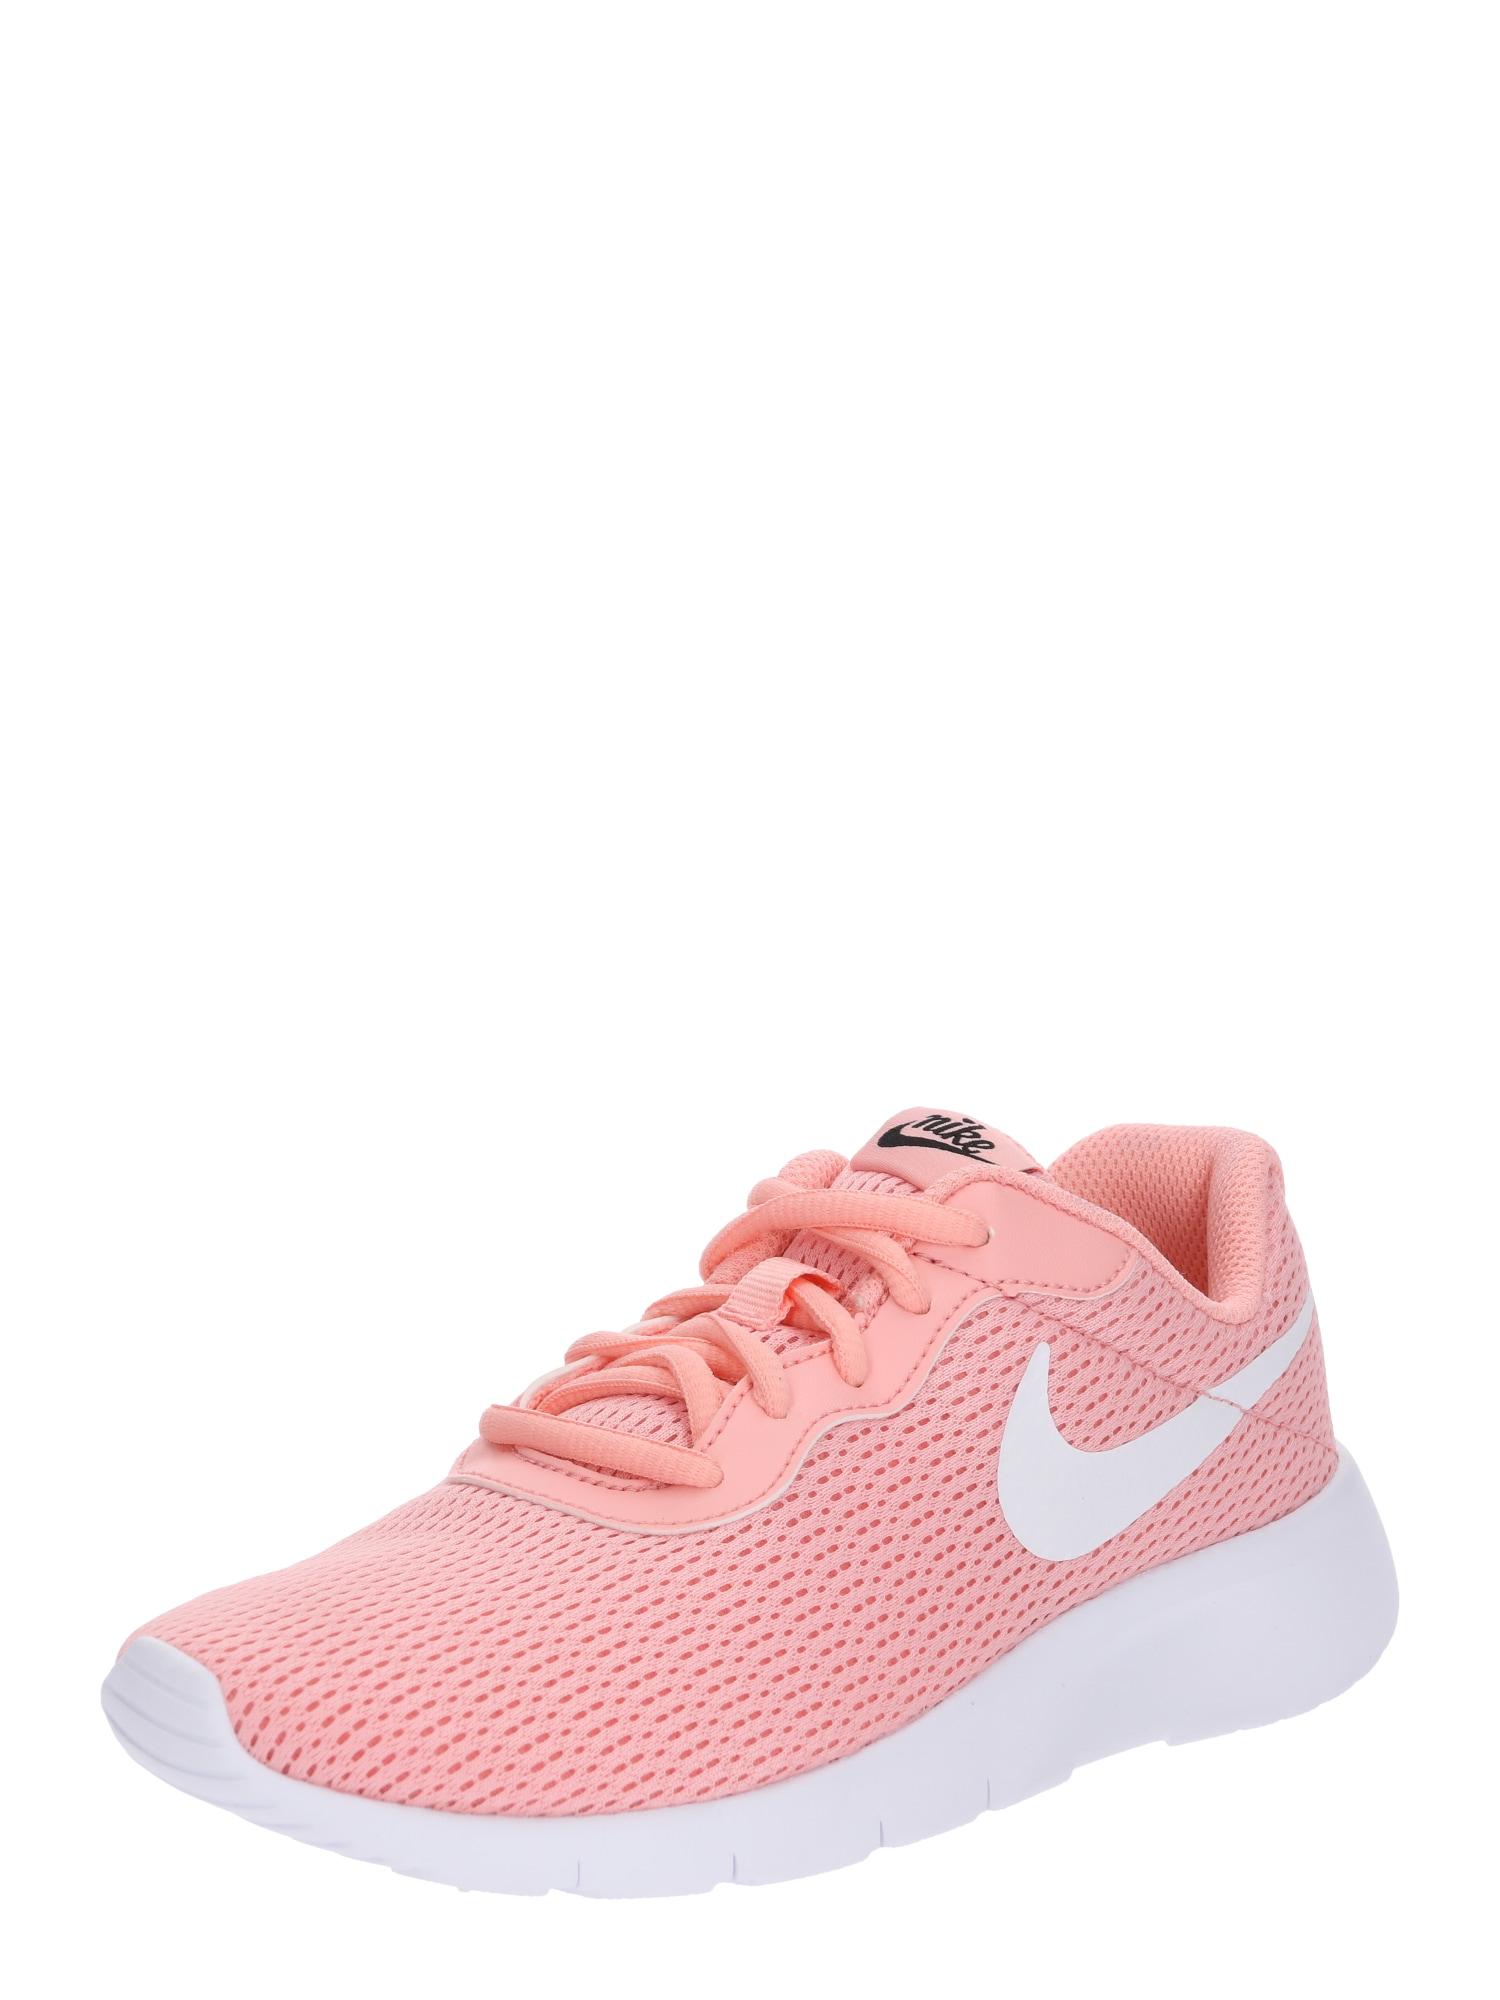 Nike Sportswear, Meisjes Sneakers 'Tanjun', koraal / wit